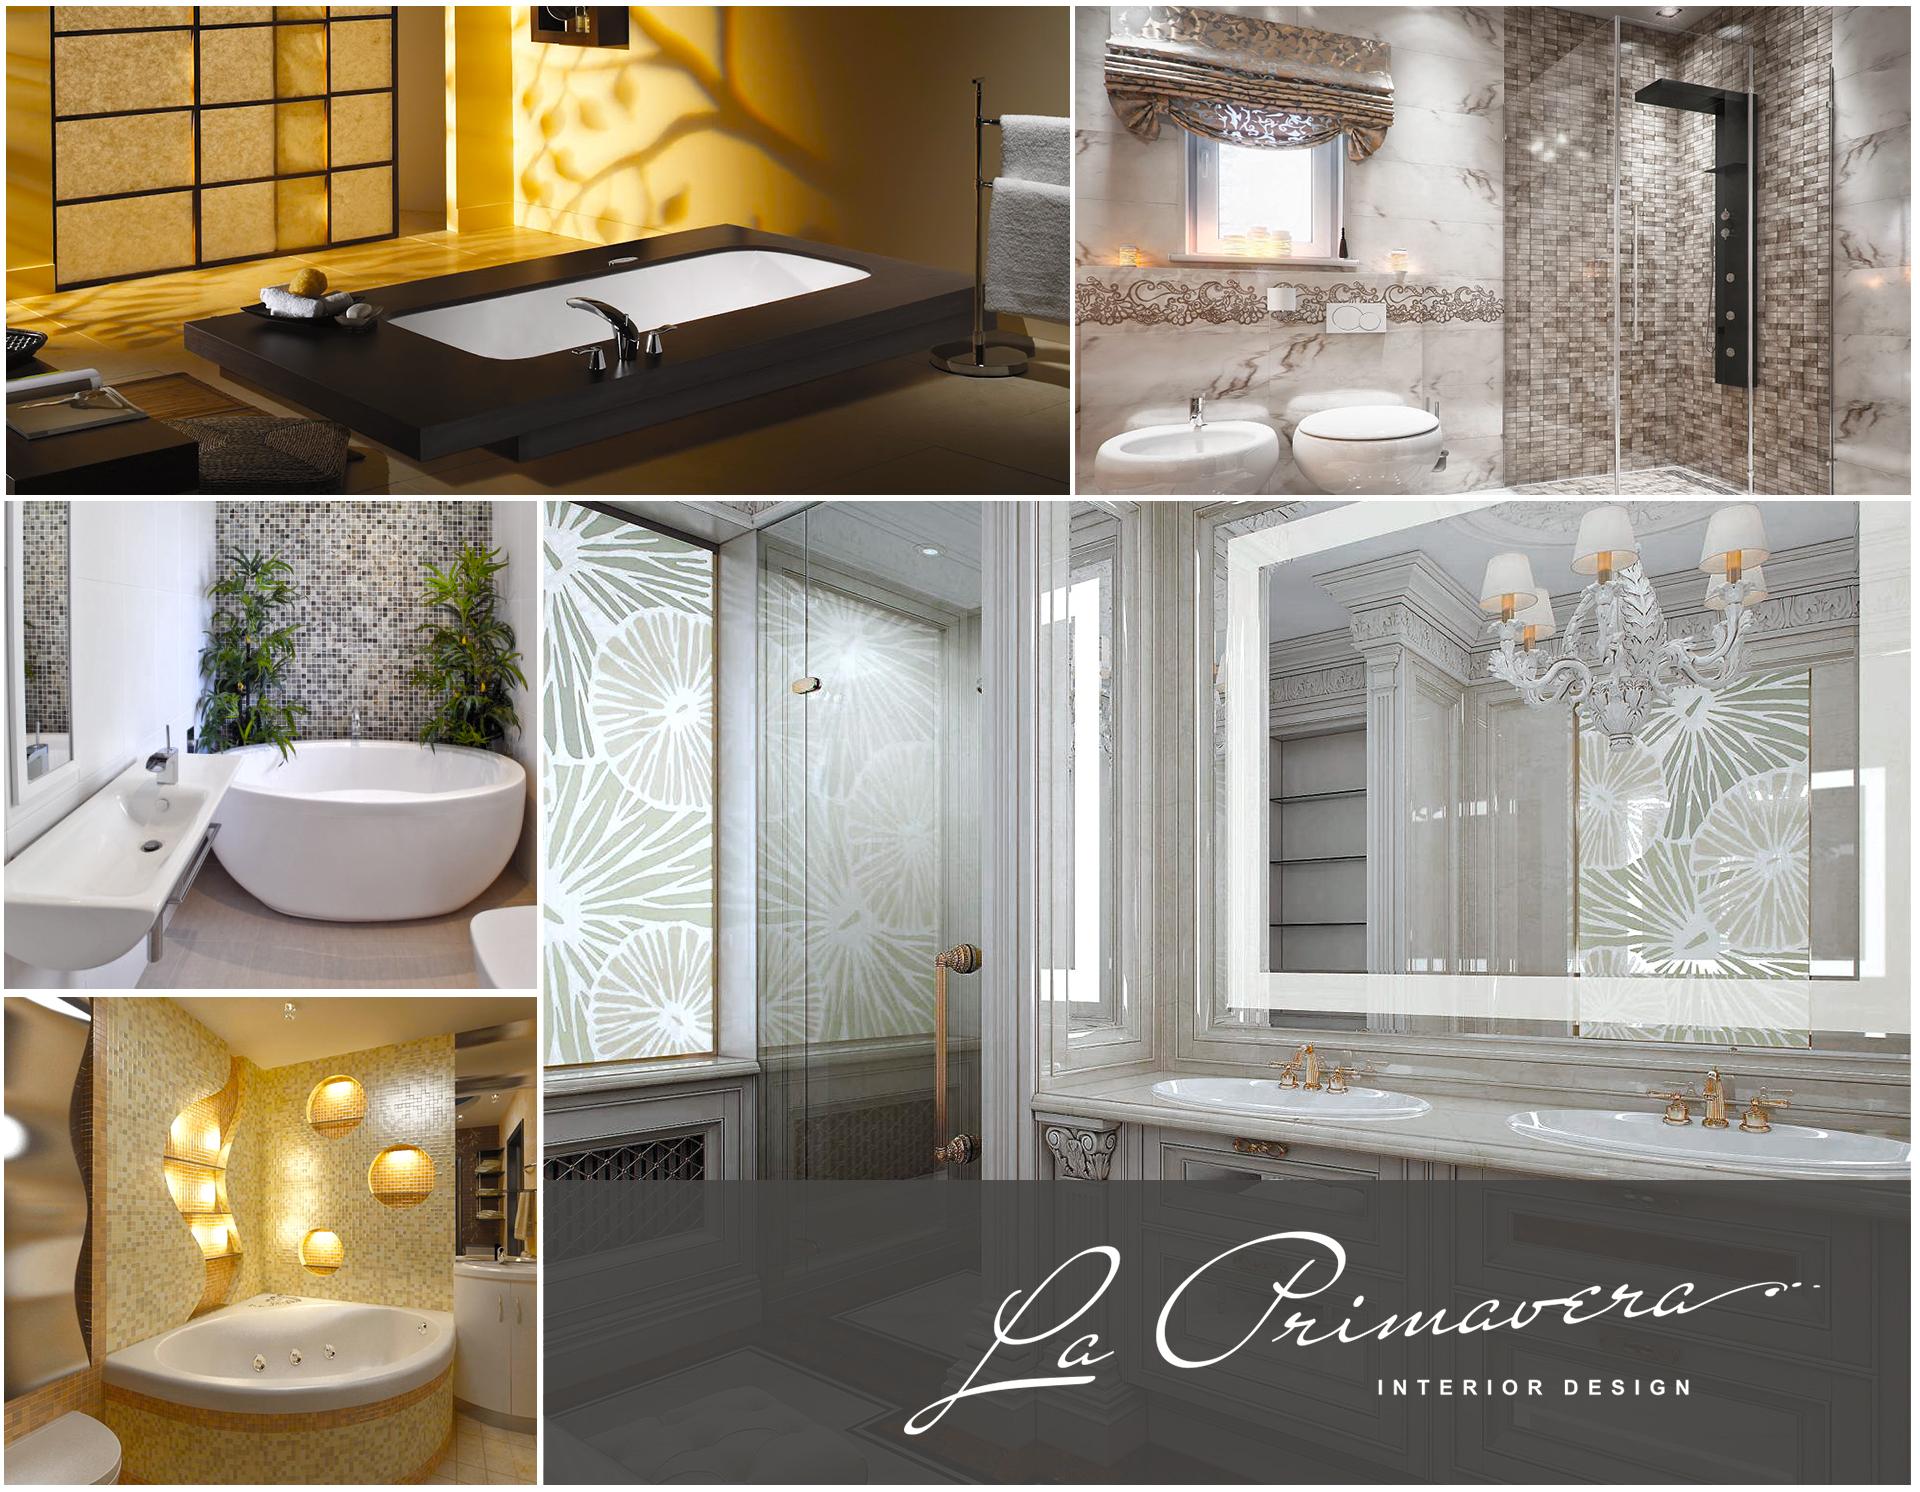 Элитный ремонт ванной комнаты: фото